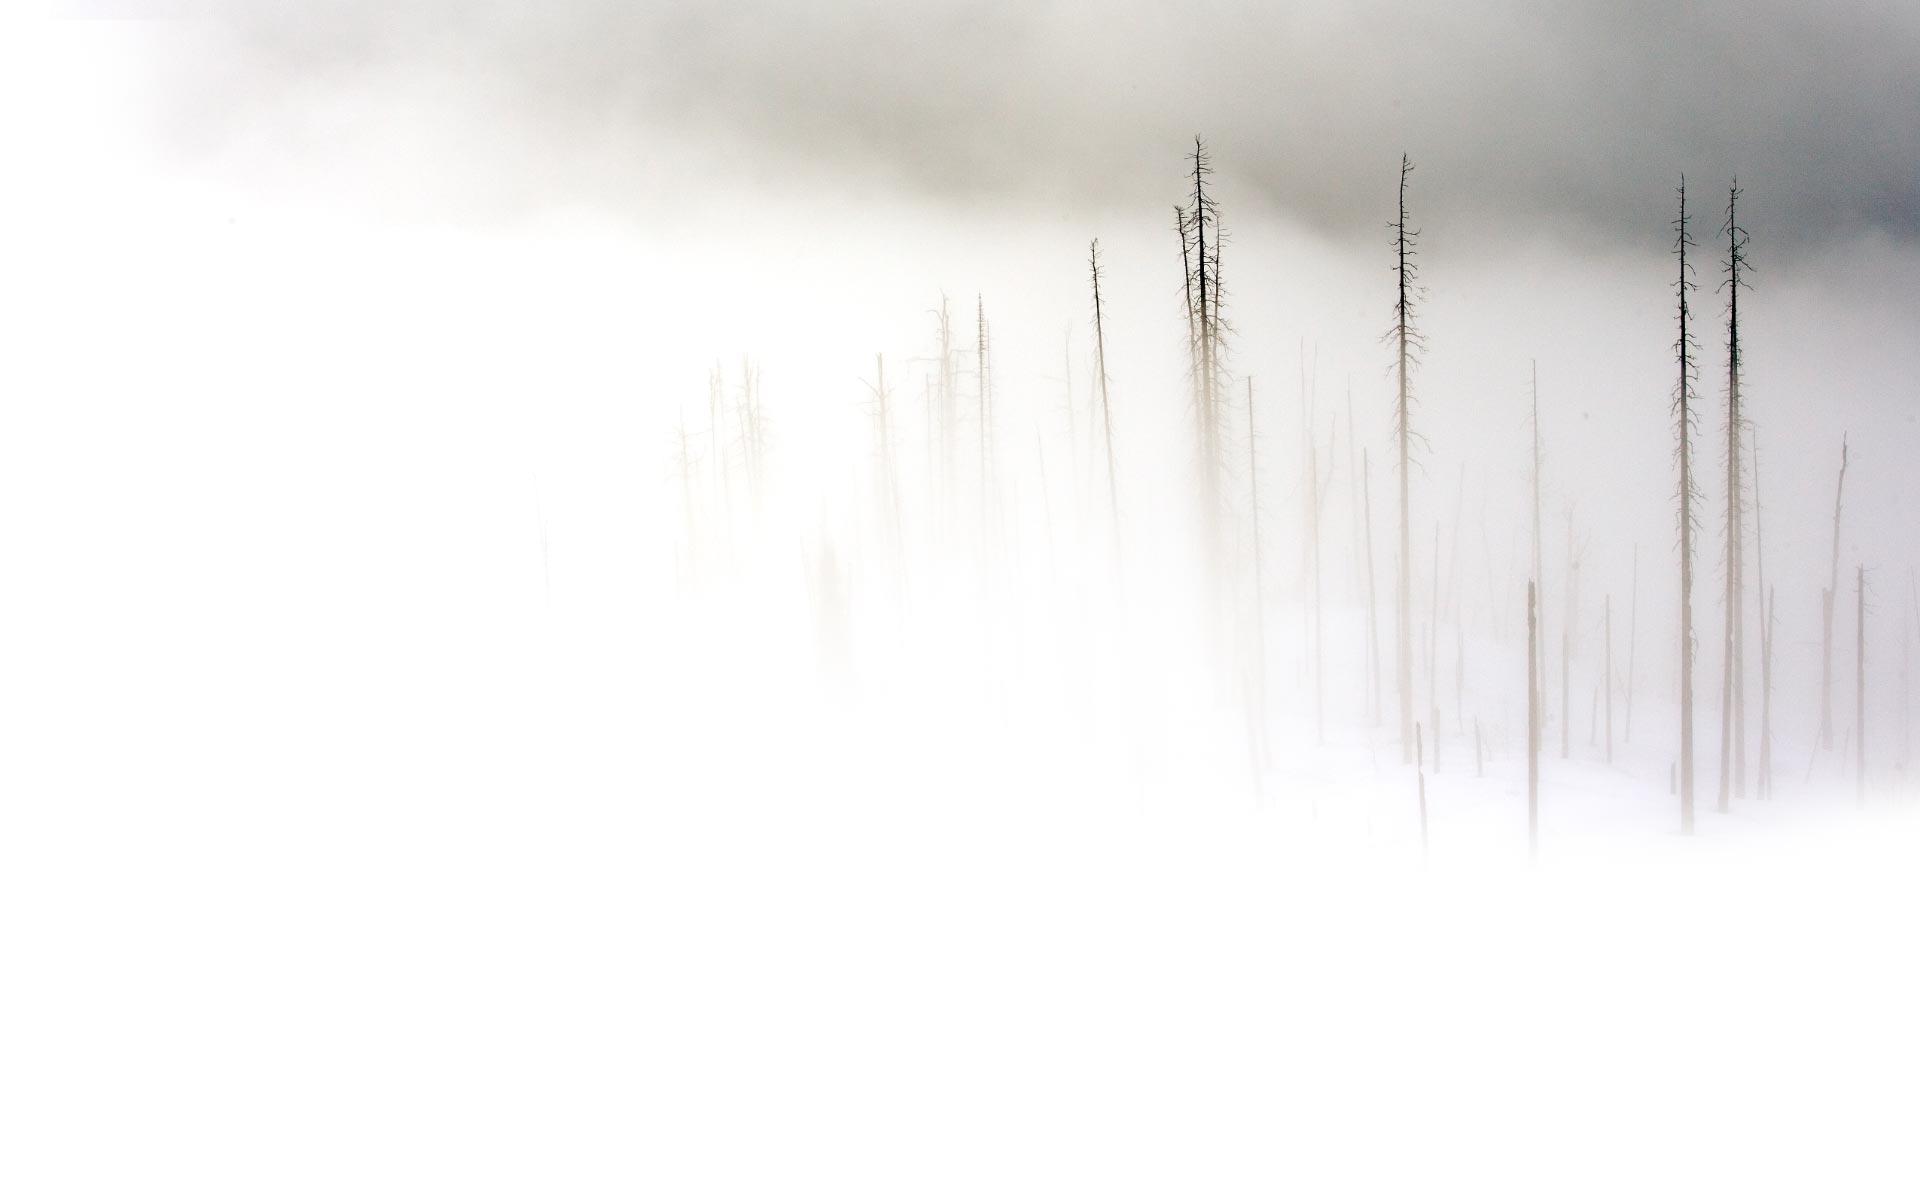 بالصور خلفية بيضاء ساده , اجمل الخلفيات البيضاء 6164 12